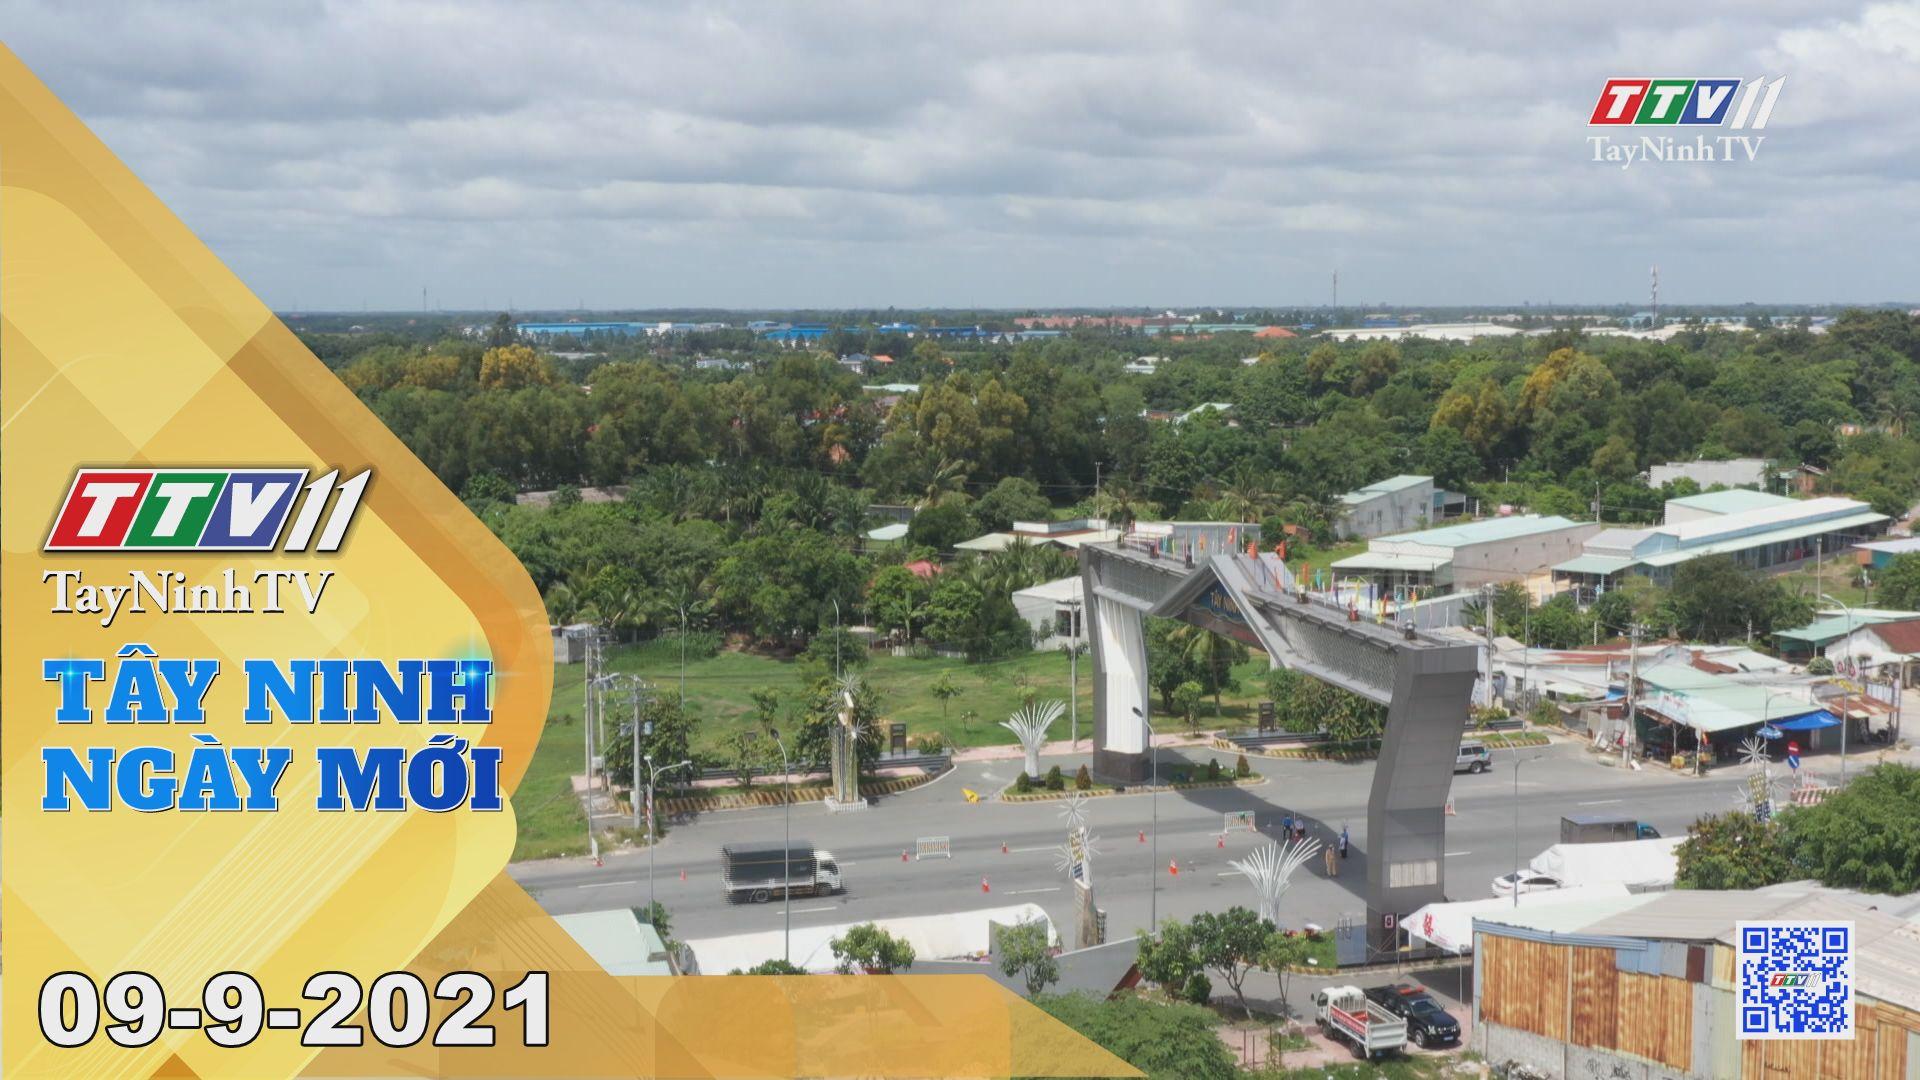 Tây Ninh Ngày Mới 09-9-2021 | Tin tức hôm nay | TayNinhTV